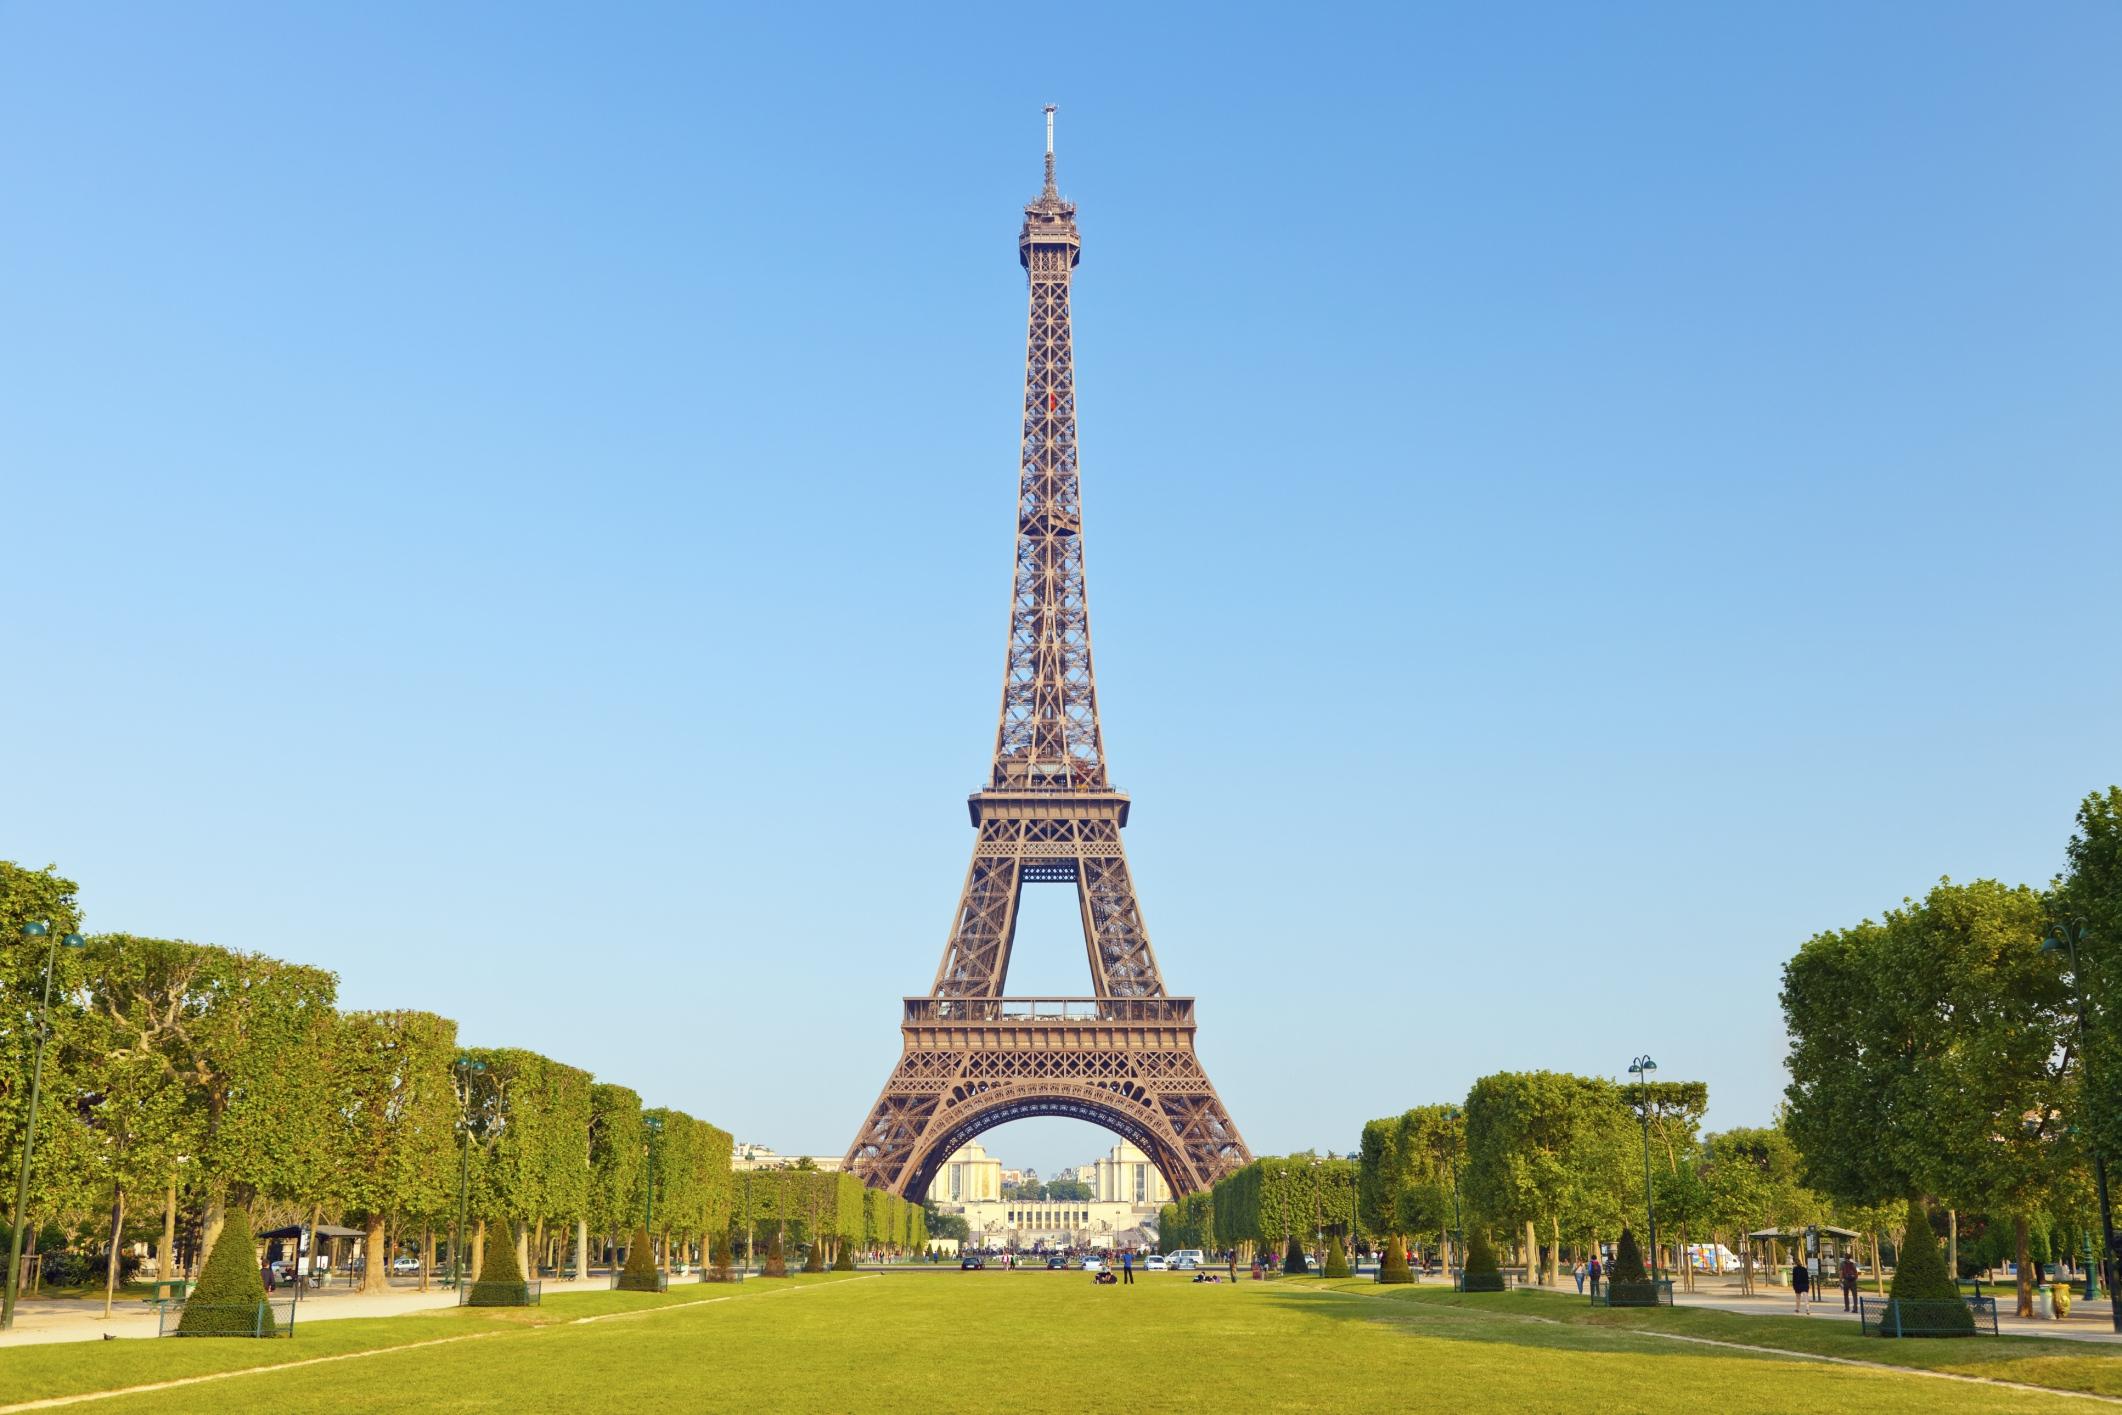 1 作為浪漫假期首選,愛之城「巴黎」羅曼蒂克氛圍是 Booking com 旅客最推薦的特色。圖片由Booking com提供